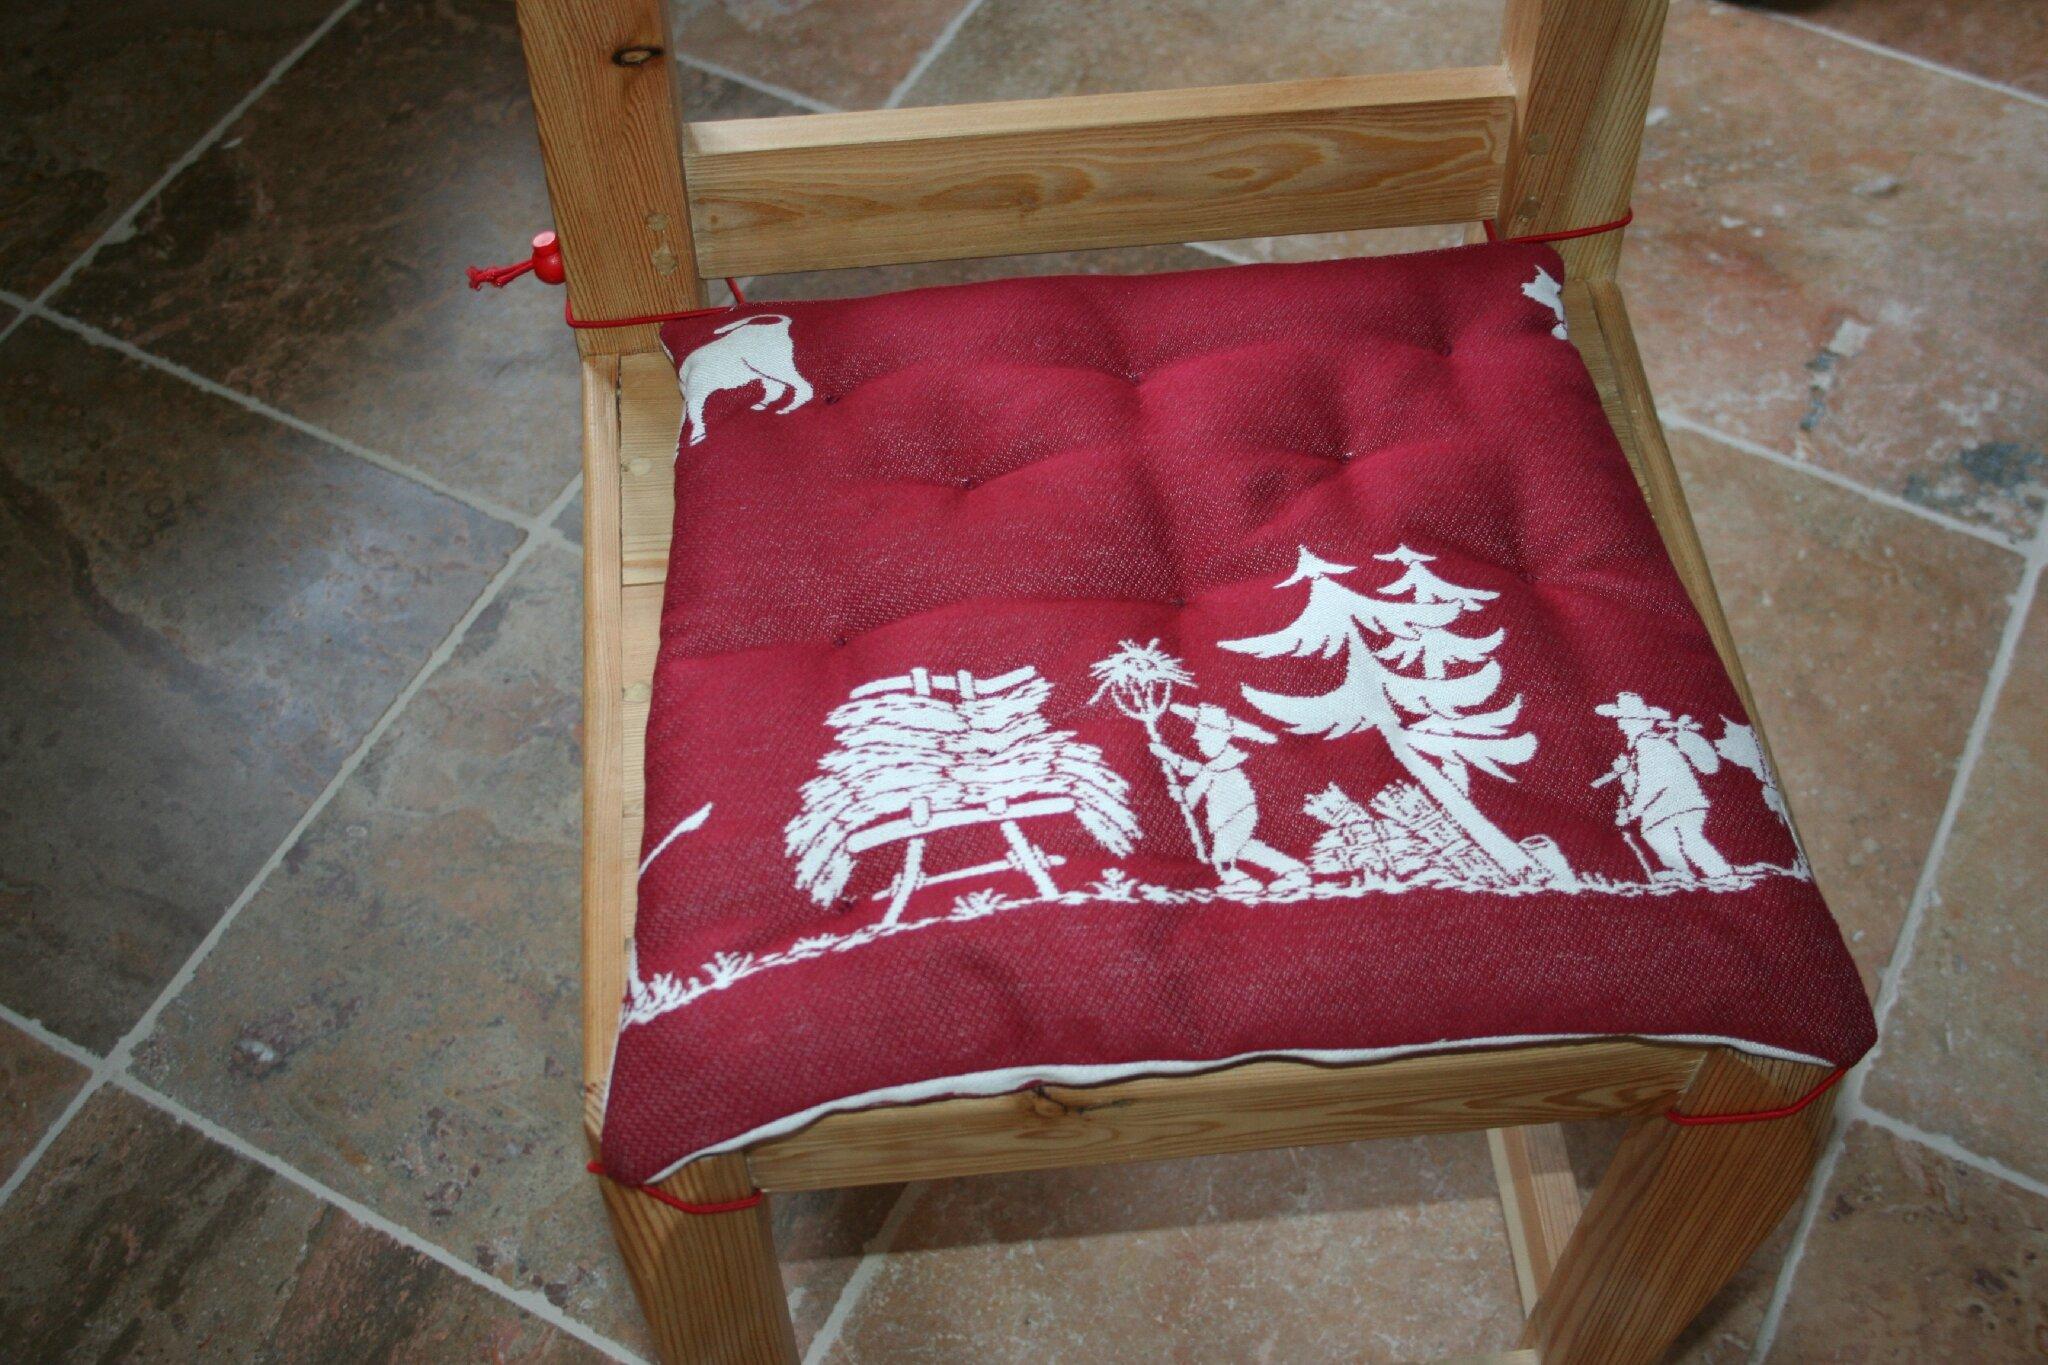 Galette de chaise avec son coussin housse de chaise - Galette de chaise avec dossier ...